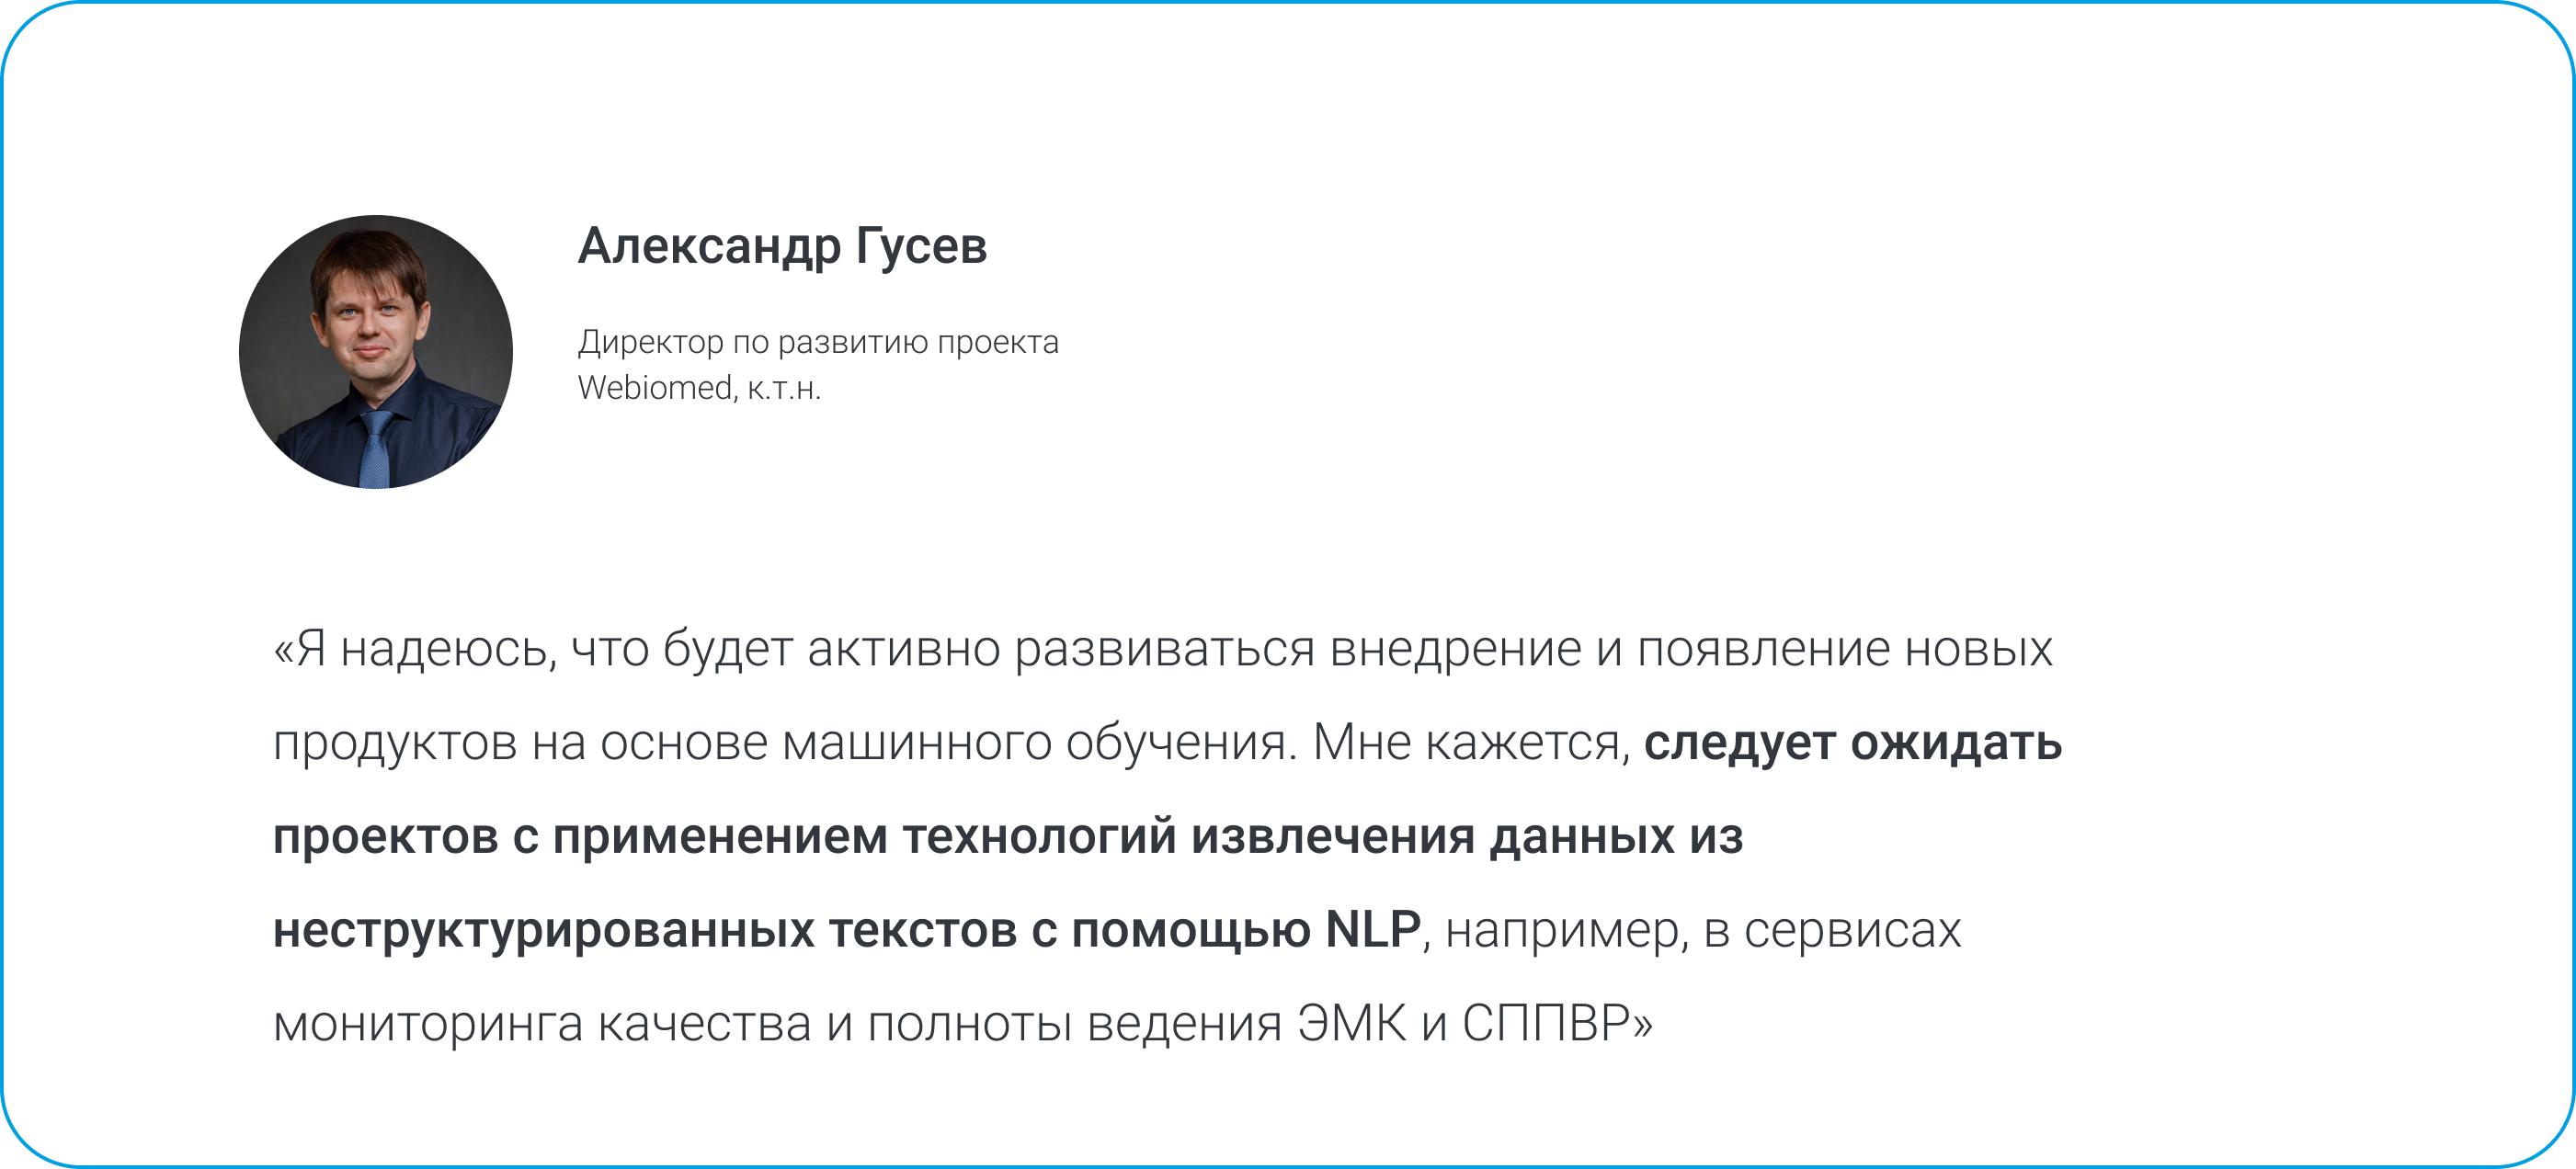 Александр Гусев, директор поразвитию проекта Webiomed, к.т.н